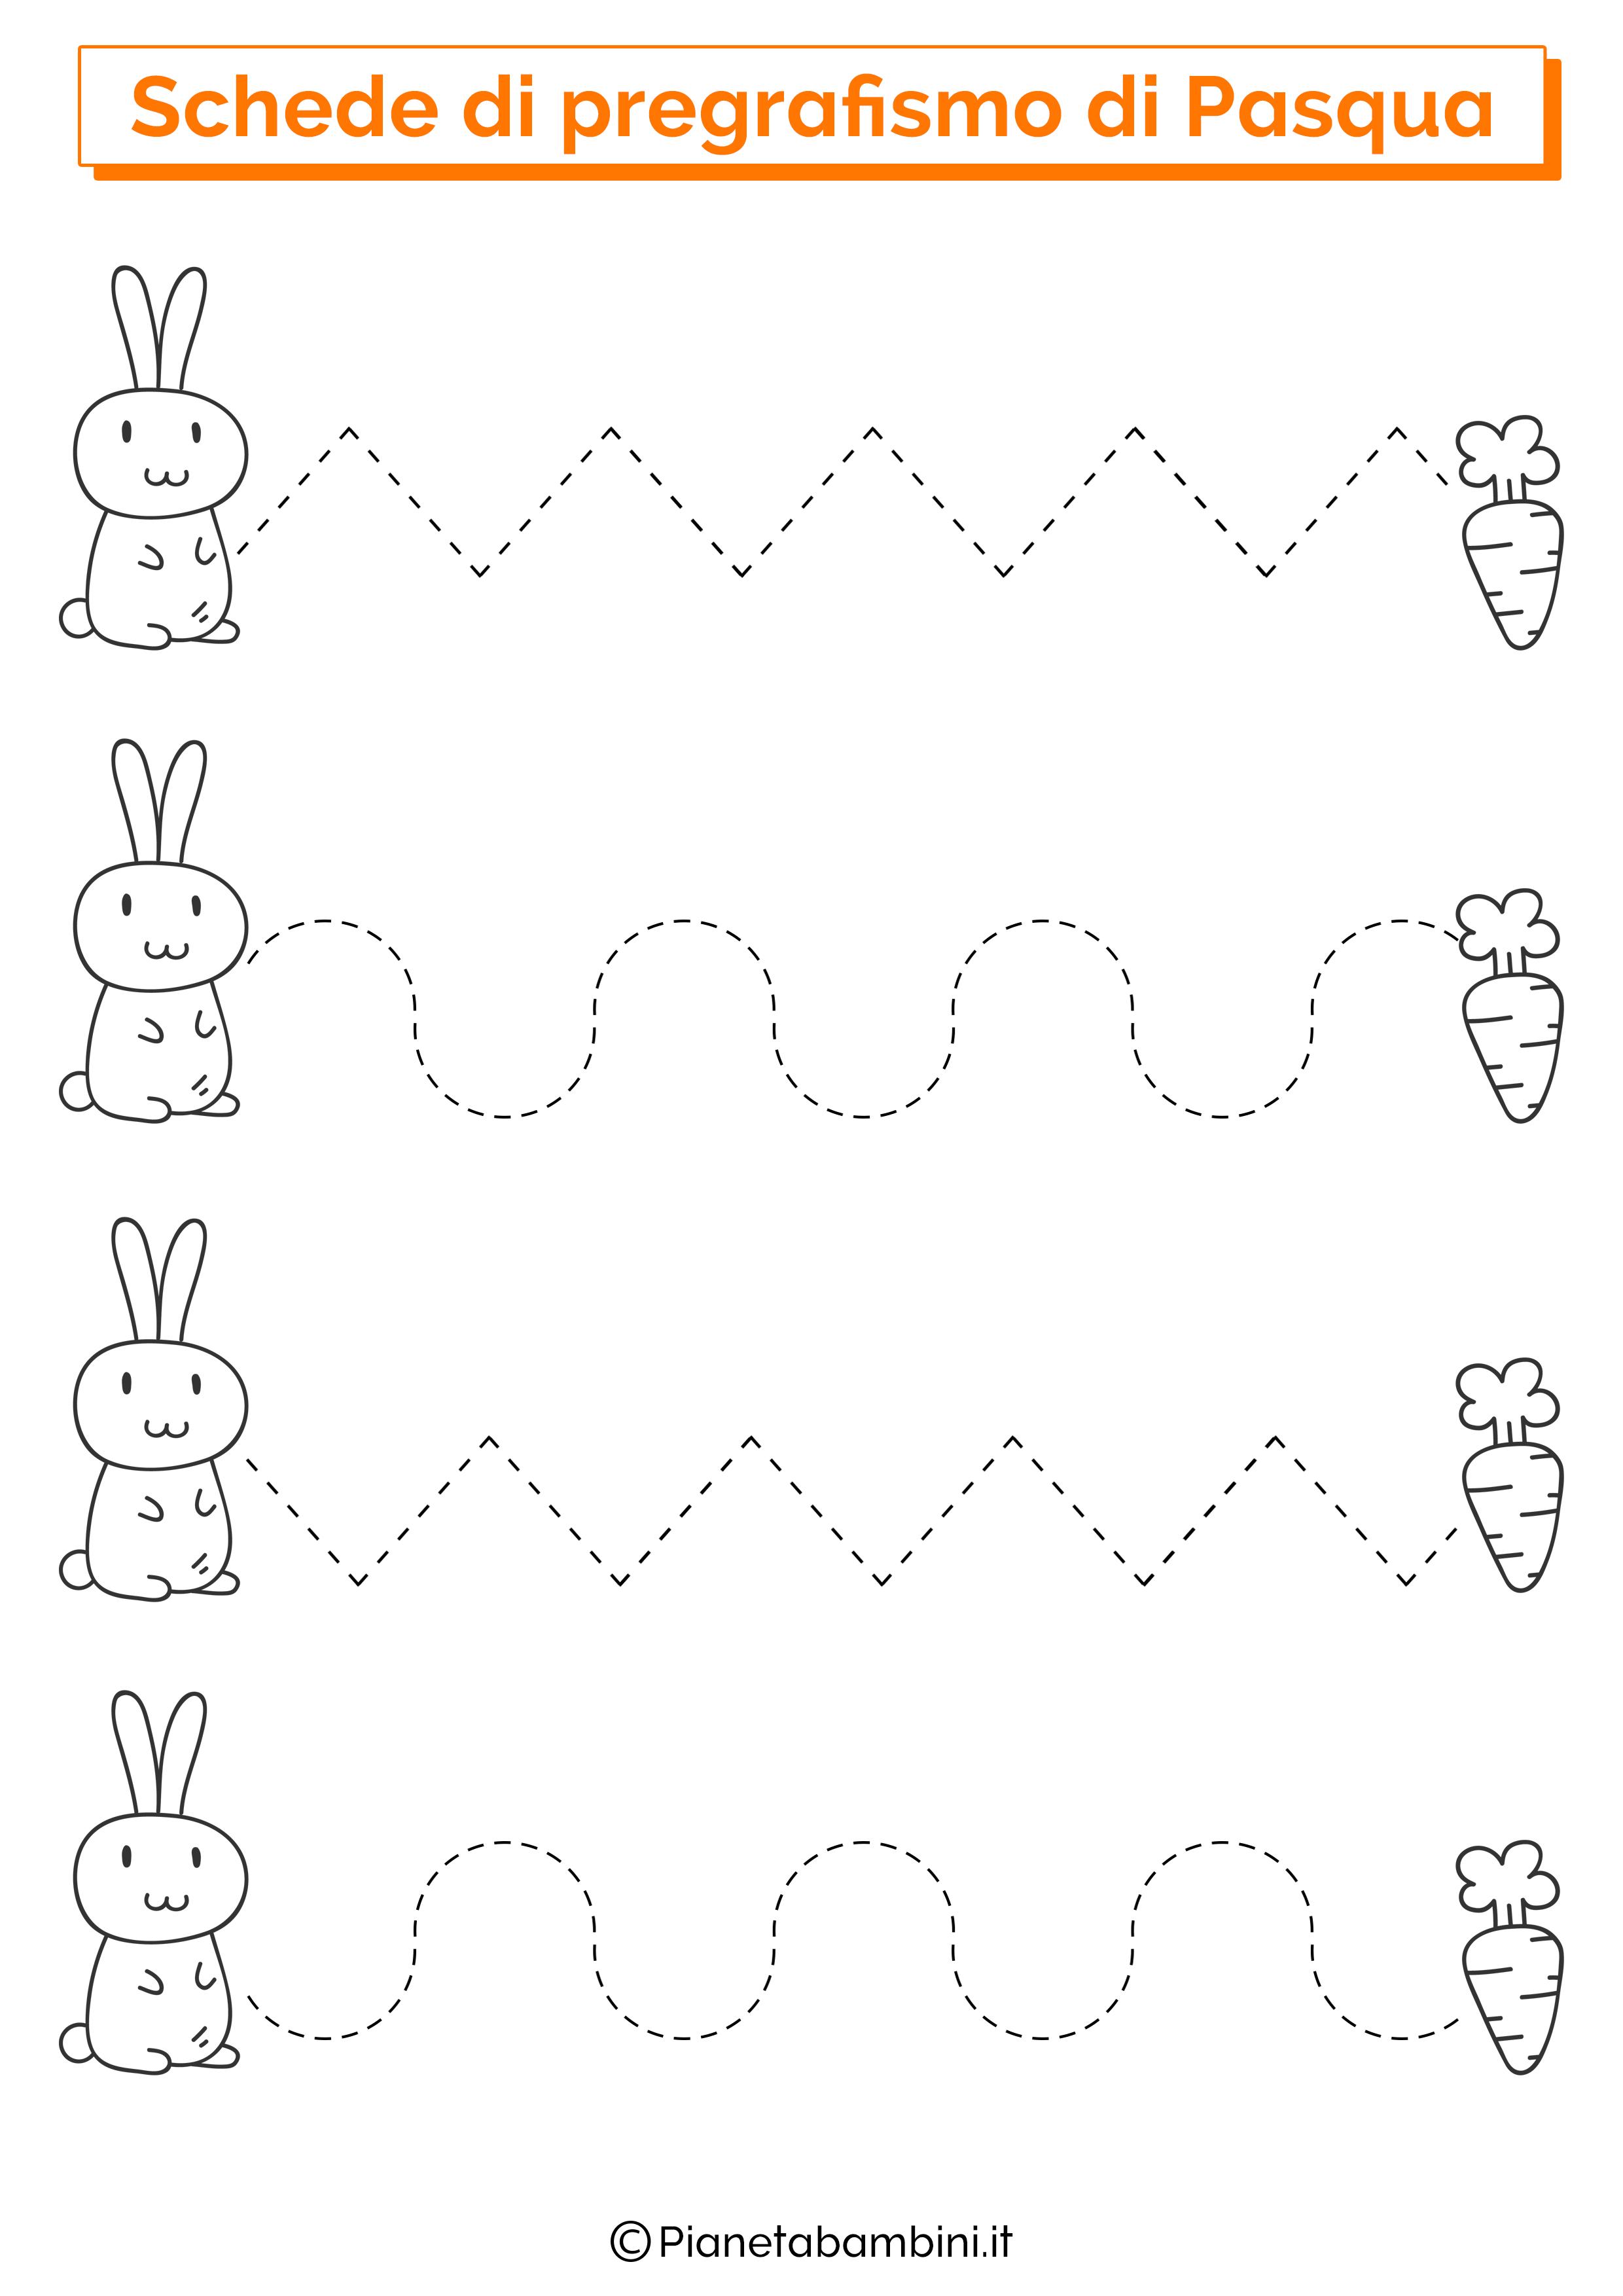 Scheda di pregrafismo di Pasqua su linee orizzontali 1